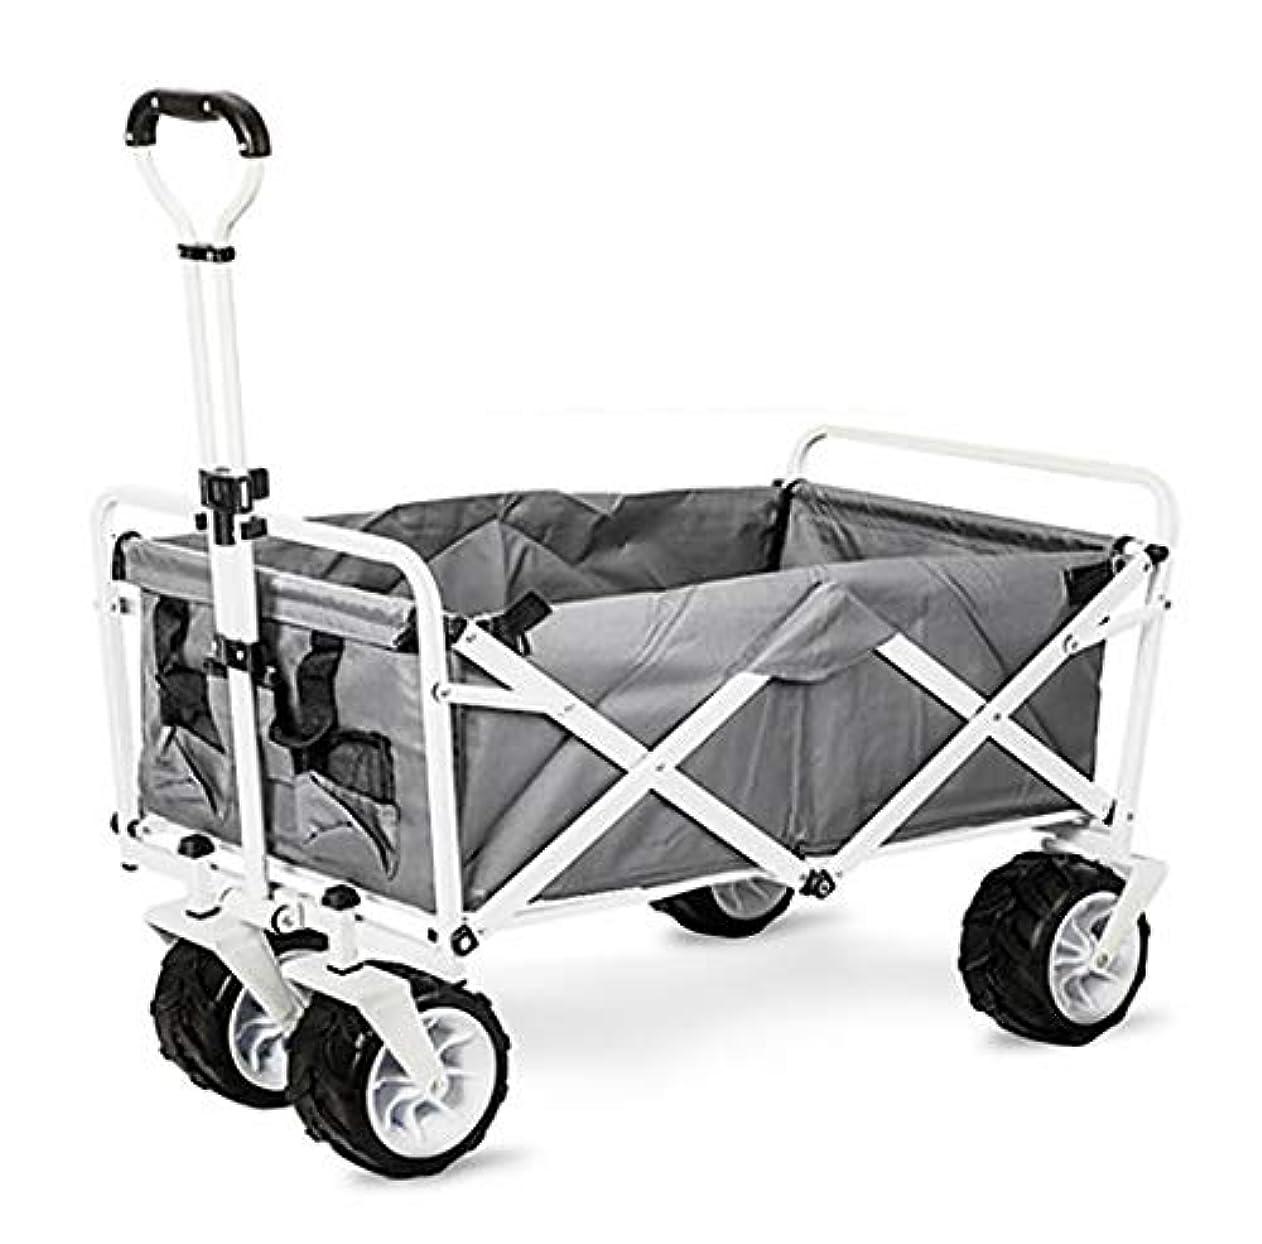 信頼満足団結YGUOZ アウトドアワゴン 折りたたみと車輪、キャリーワゴン 携帯型 軽量と側壁 アウトドア キャンプ レジャー(耐荷重 75kg / 165ポンド),gray